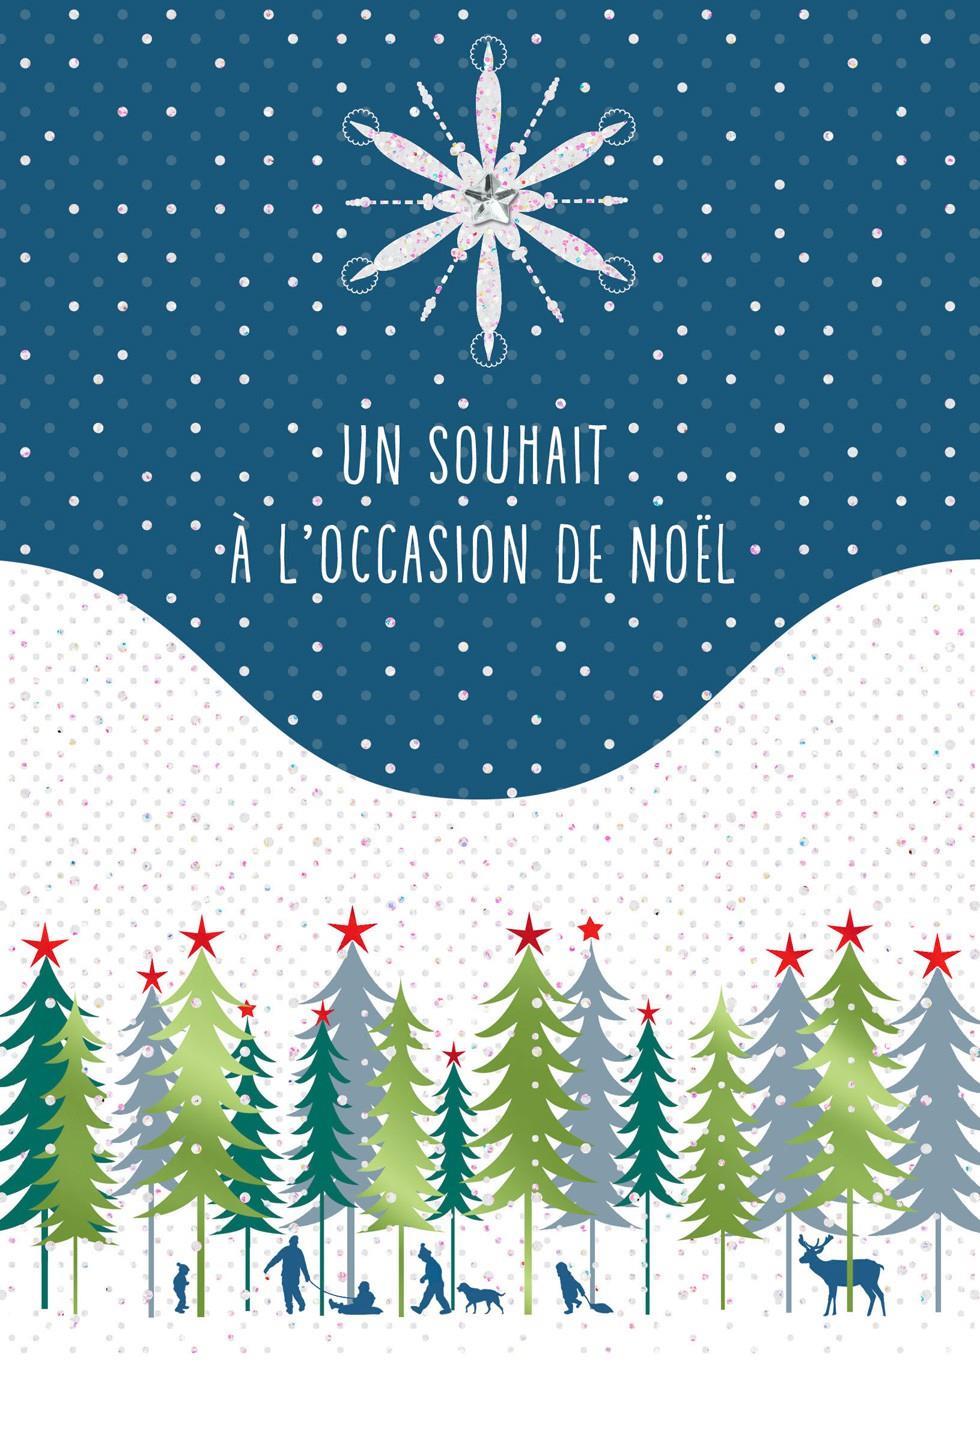 Joyeux Noel French Language Christmas Card Greeting